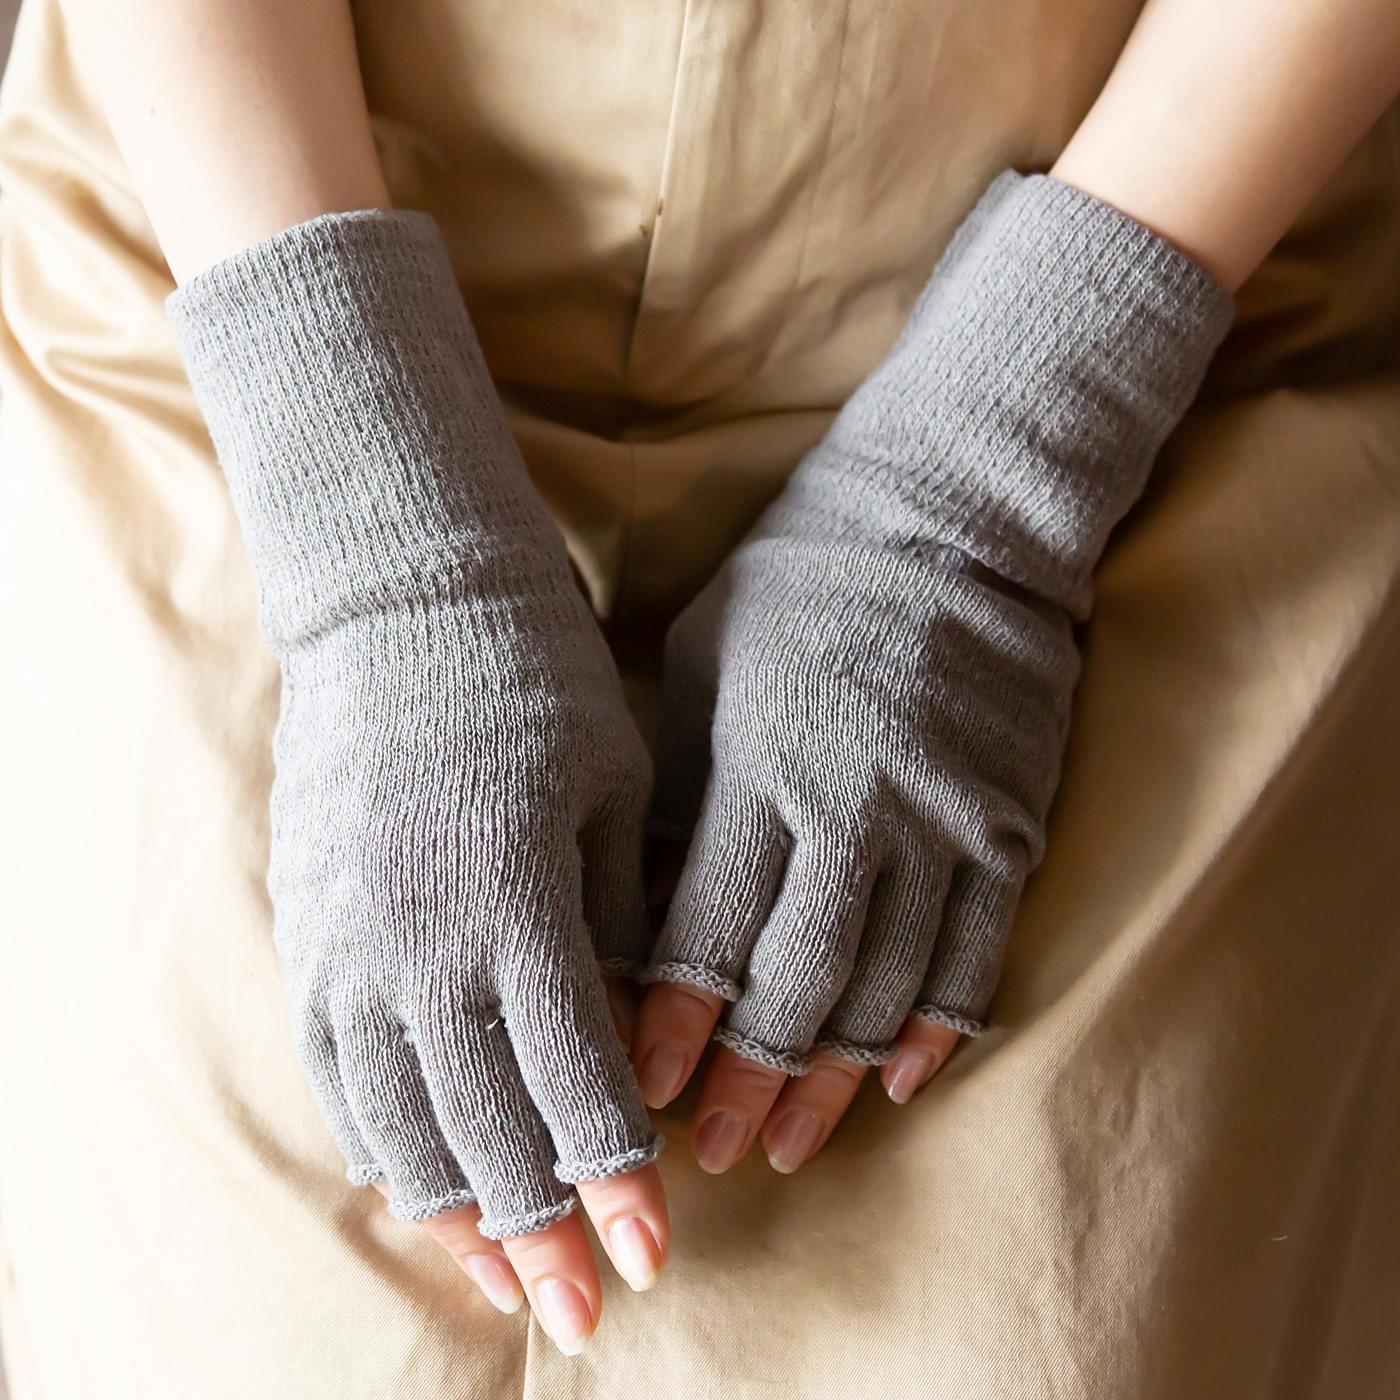 【兵庫県】やさしく包み込む シルクのハンドウォーマー(指先フリータイプ)の会(4回予約)